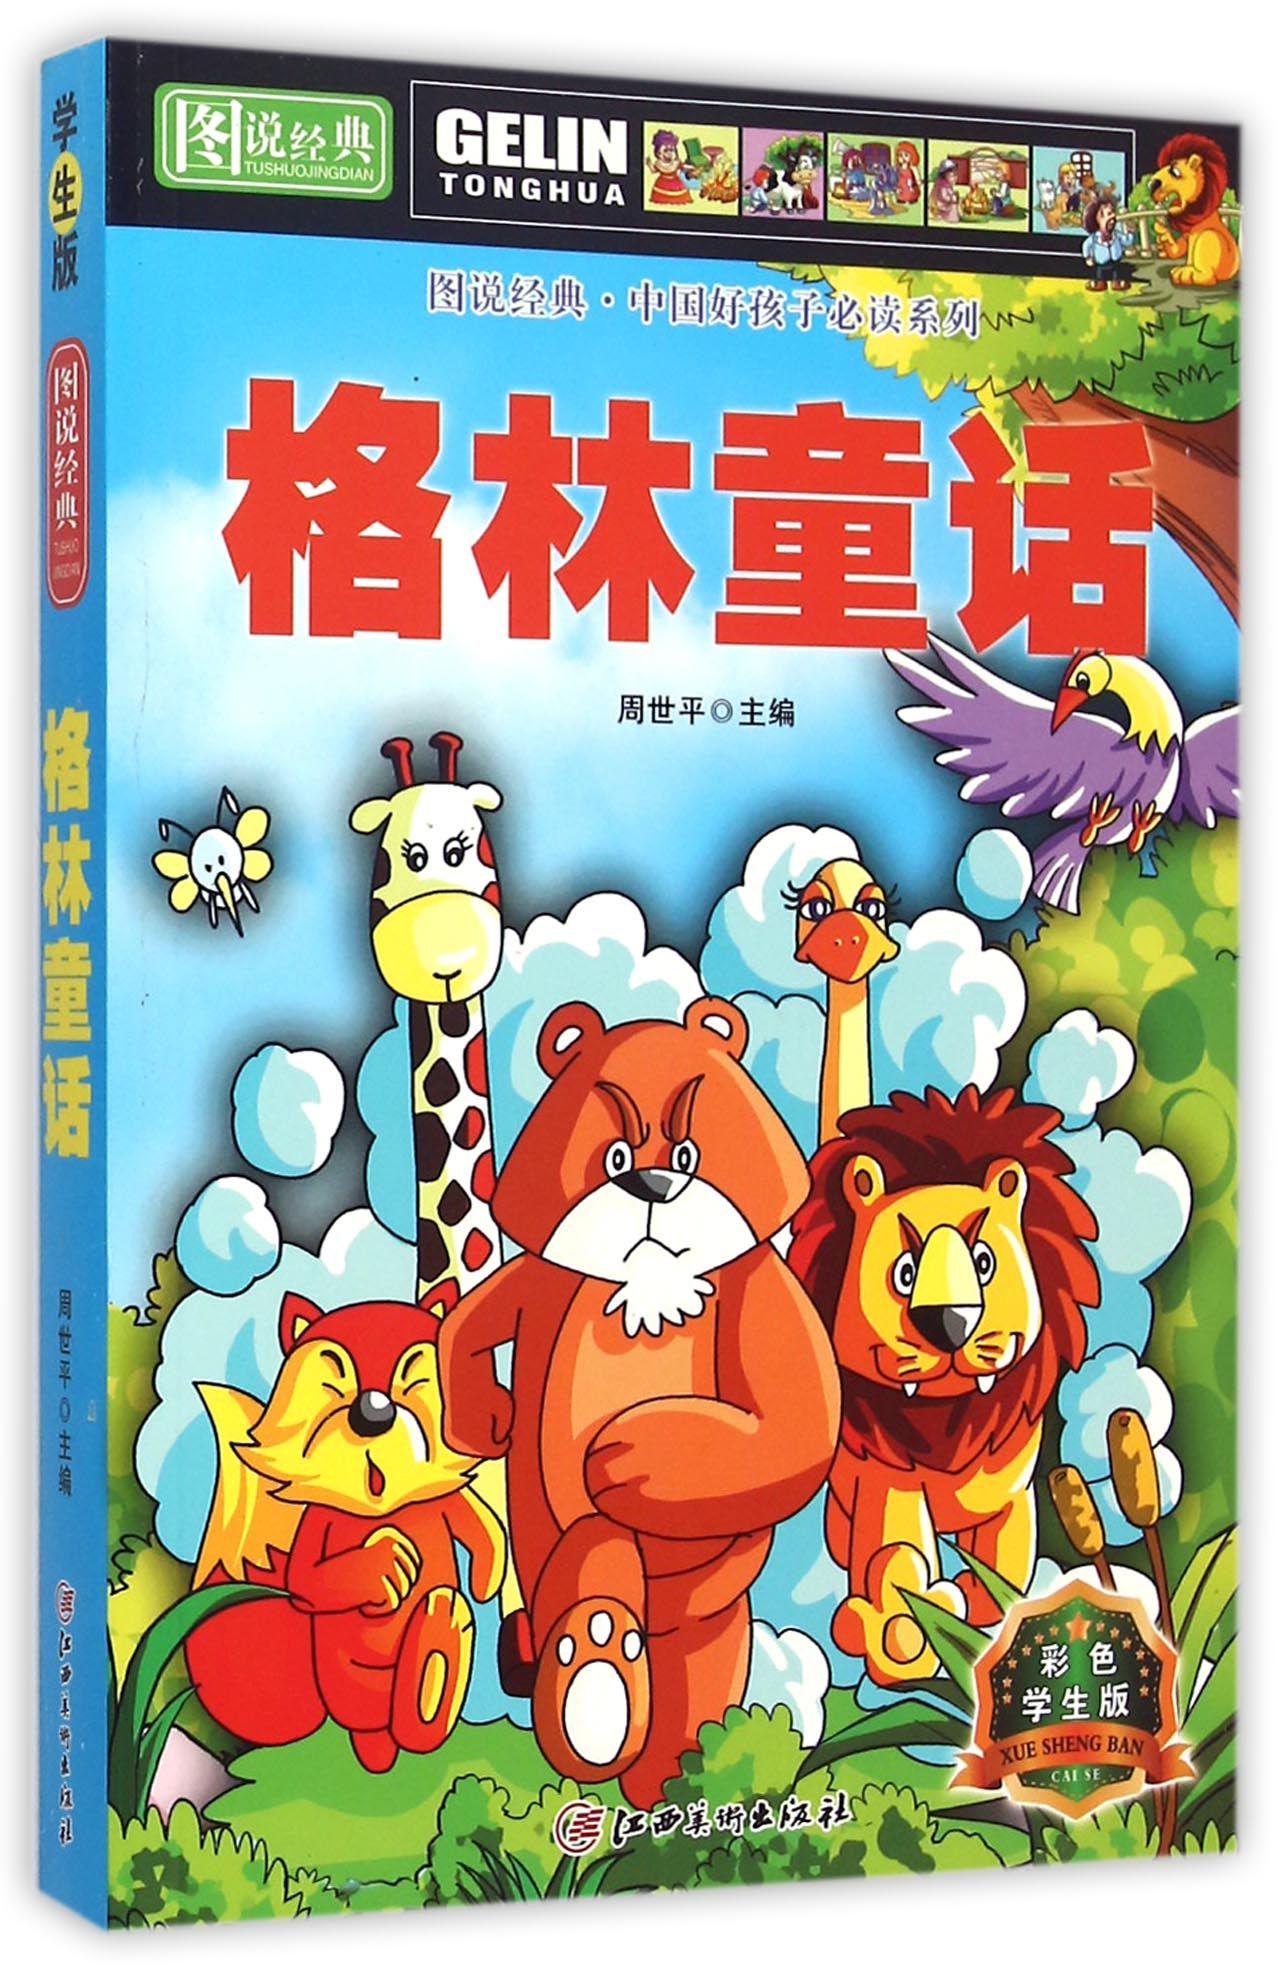 绘本名 彩色世界童话全集50 大野狼和七只小山羊图片